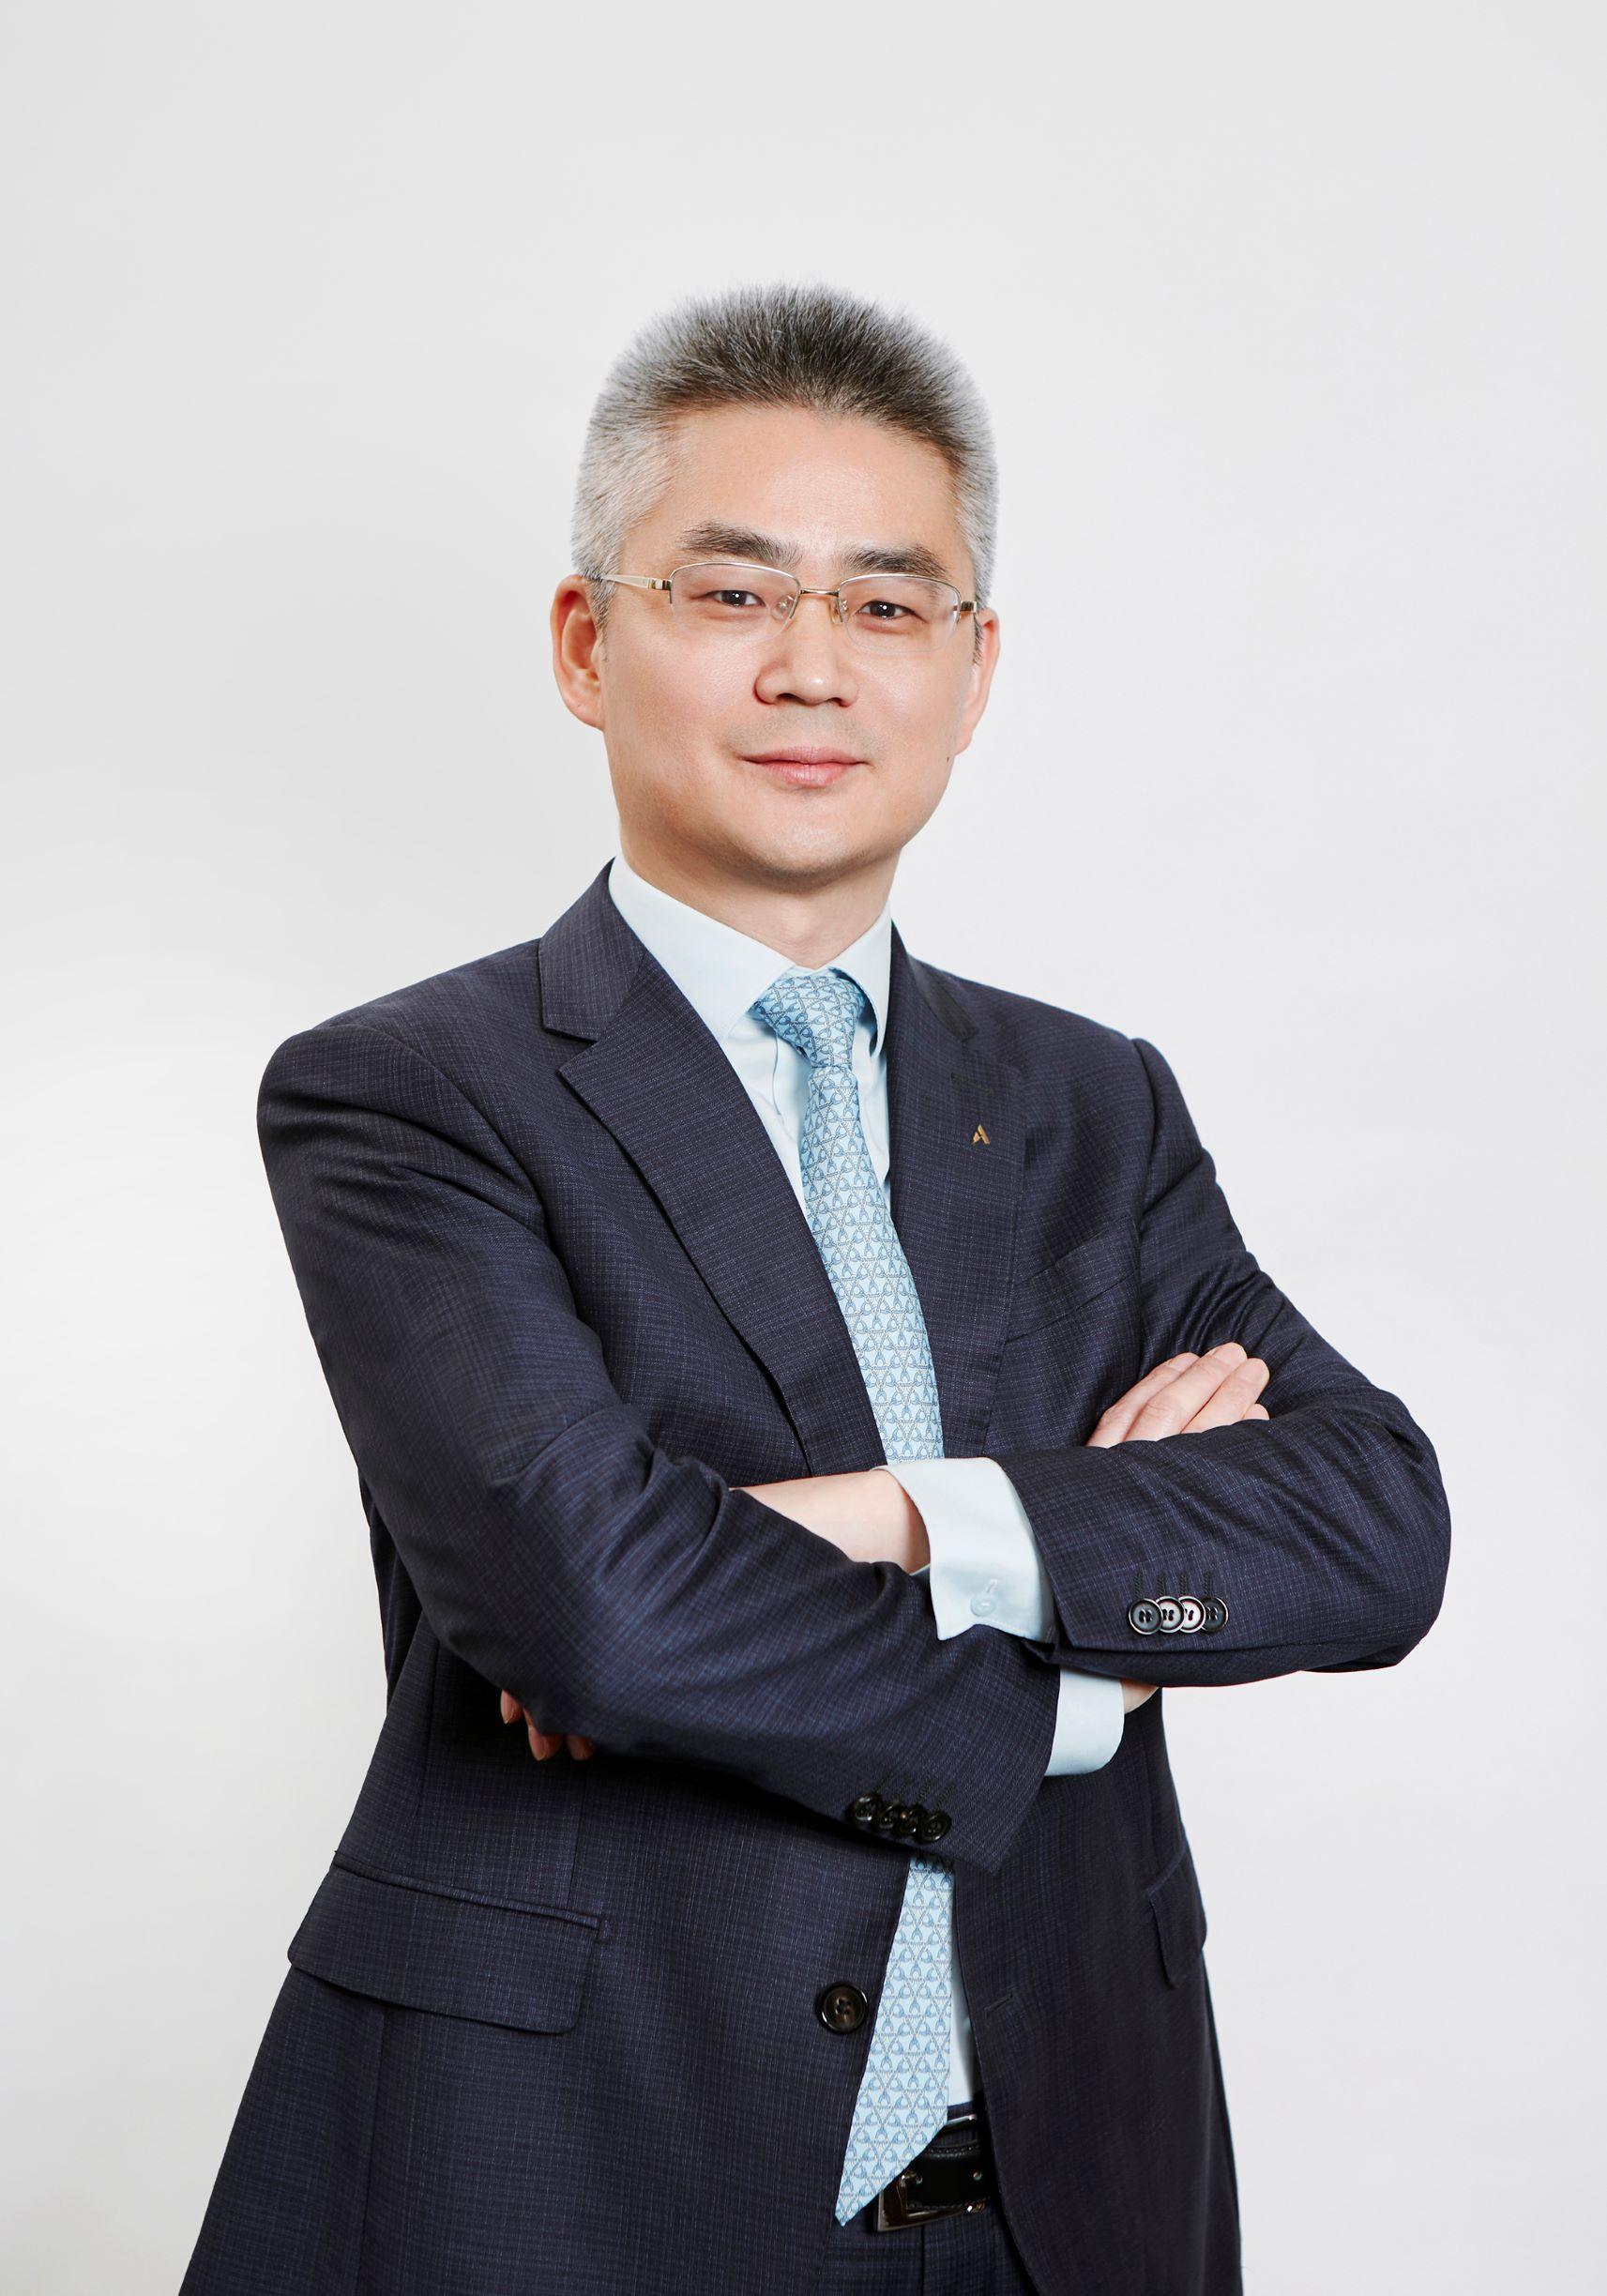 雅高集团宣布大中华区发展部领导团队新任命,持续推动大中华区项目发展